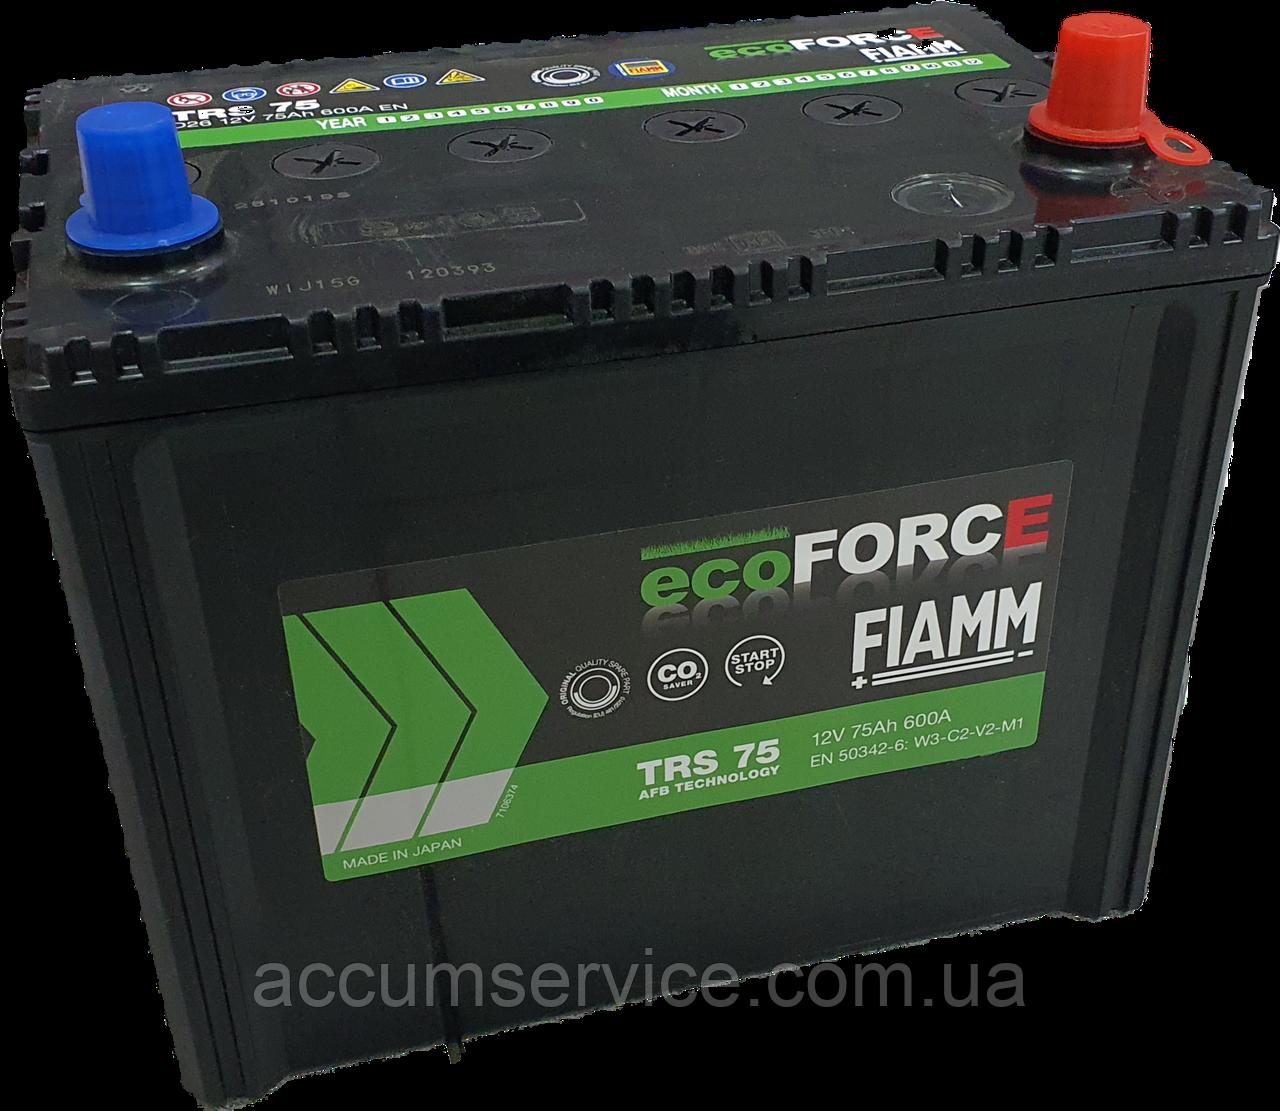 Акумулятор FIAMM ECOFORCE AFB TRS75  D26 FLA1 0